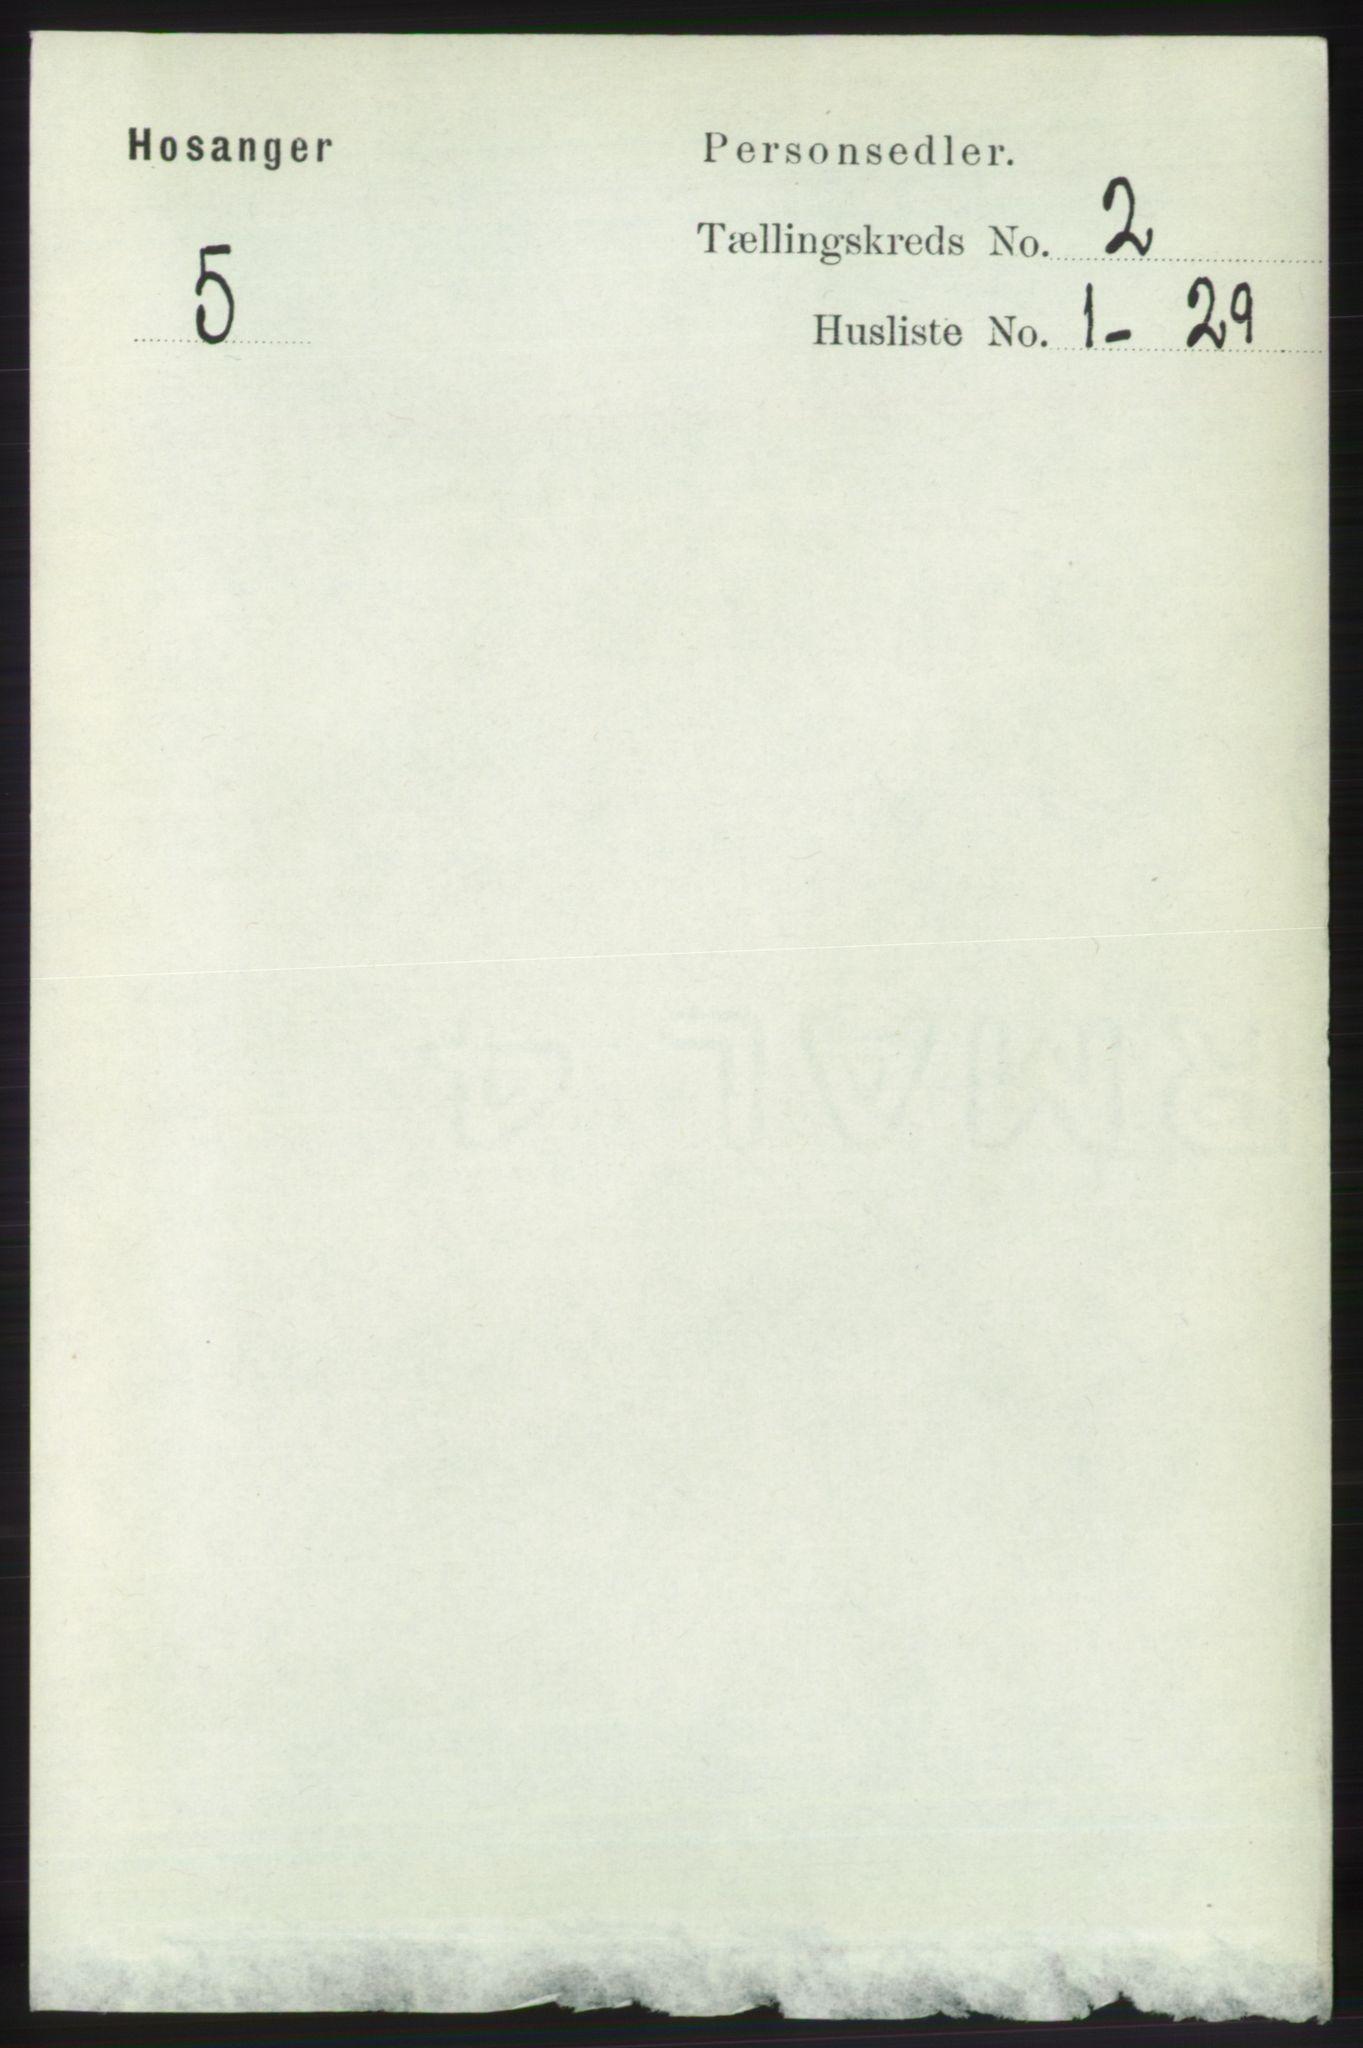 RA, Folketelling 1891 for 1253 Hosanger herred, 1891, s. 575